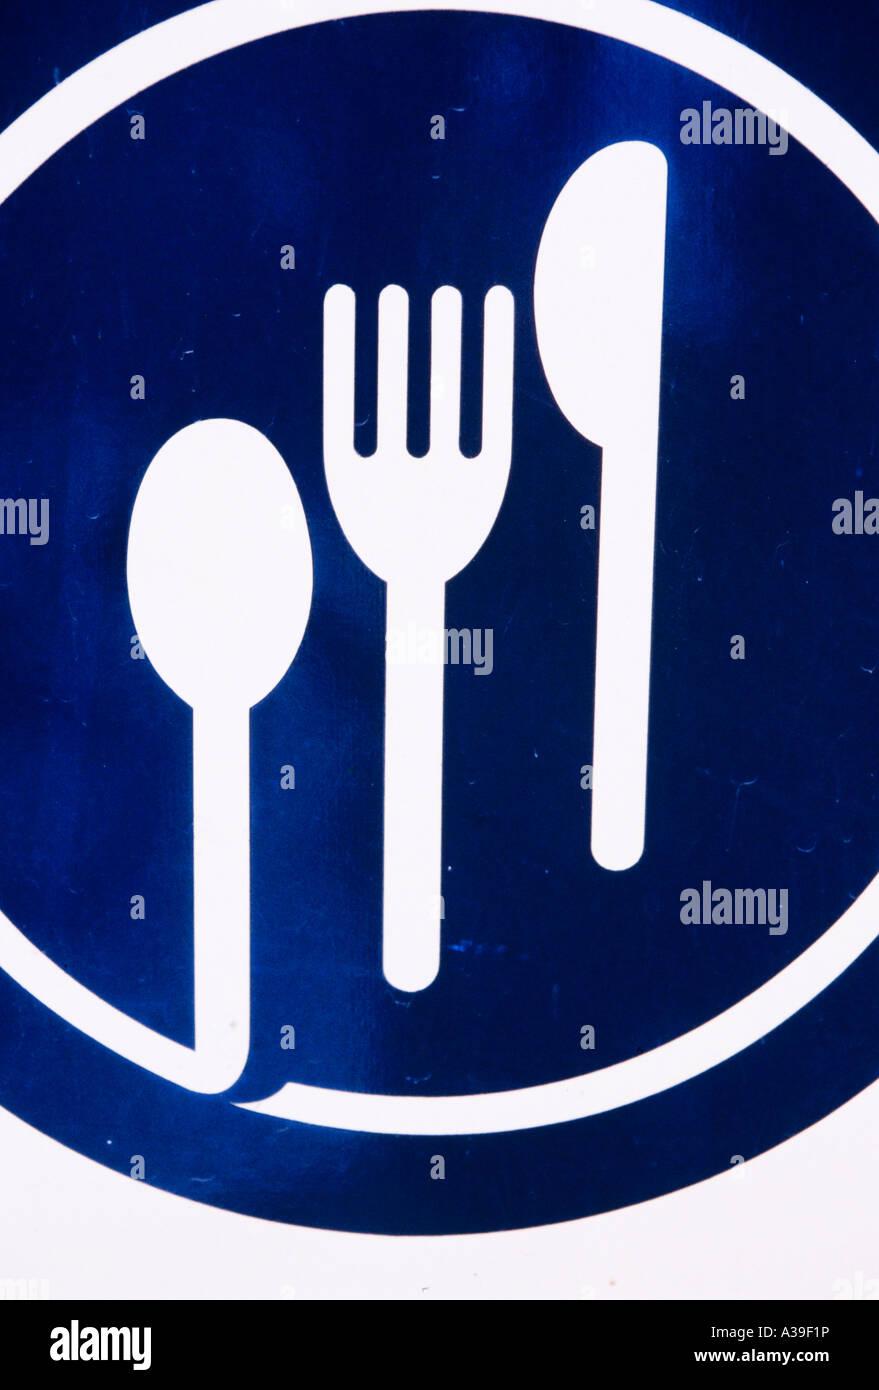 Cartello, segnale, cibo, forcella, coltello, blu, bianco, indicazioni, close up Immagini Stock